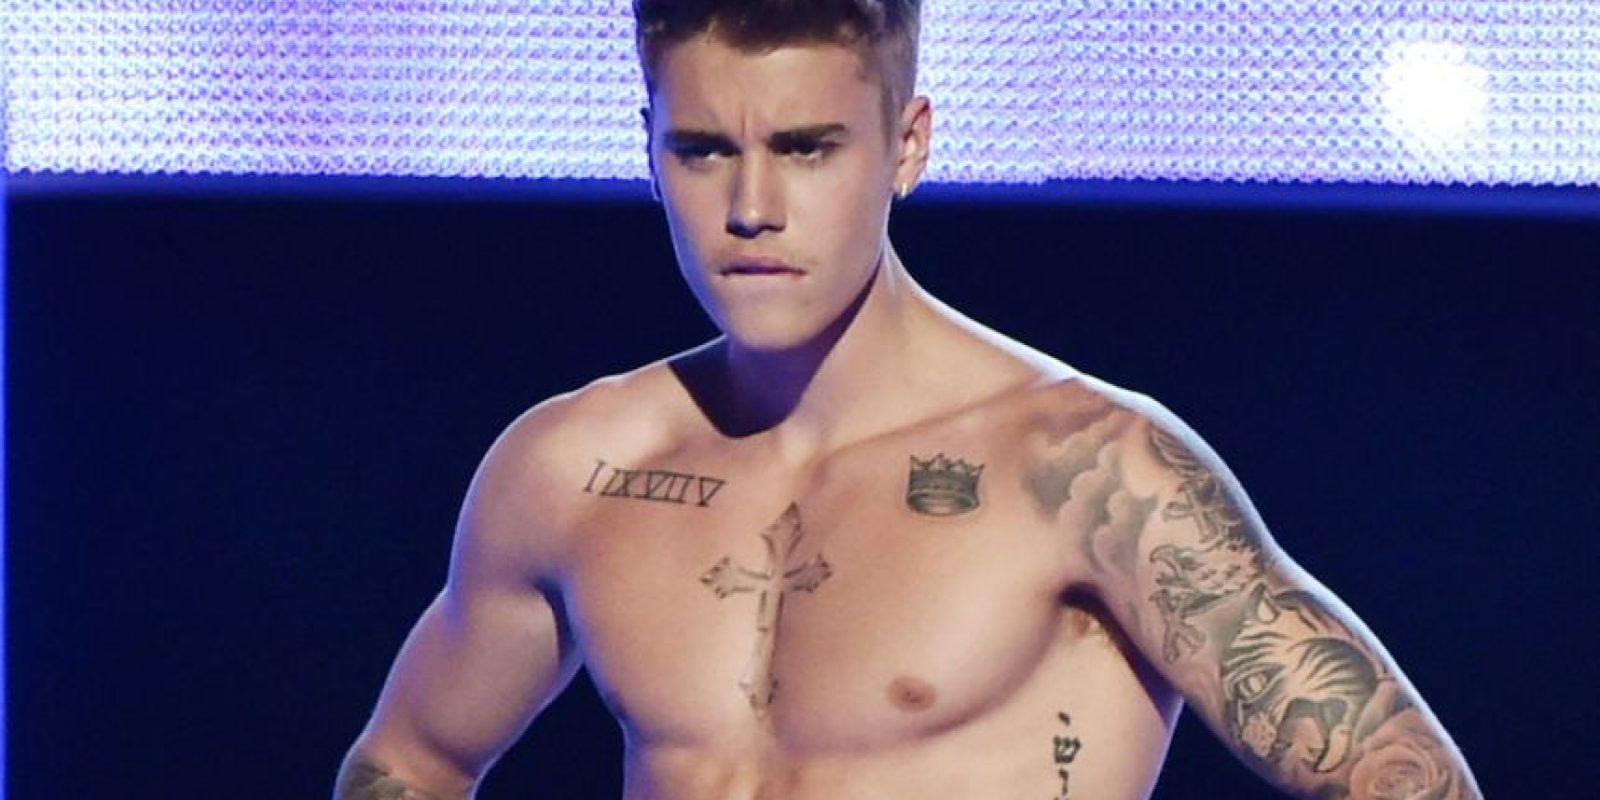 Bieber es un cantante canadiense de 21 años de edad que hasta el momento ha grabado tres álbumes de estudio. Foto:Getty Images